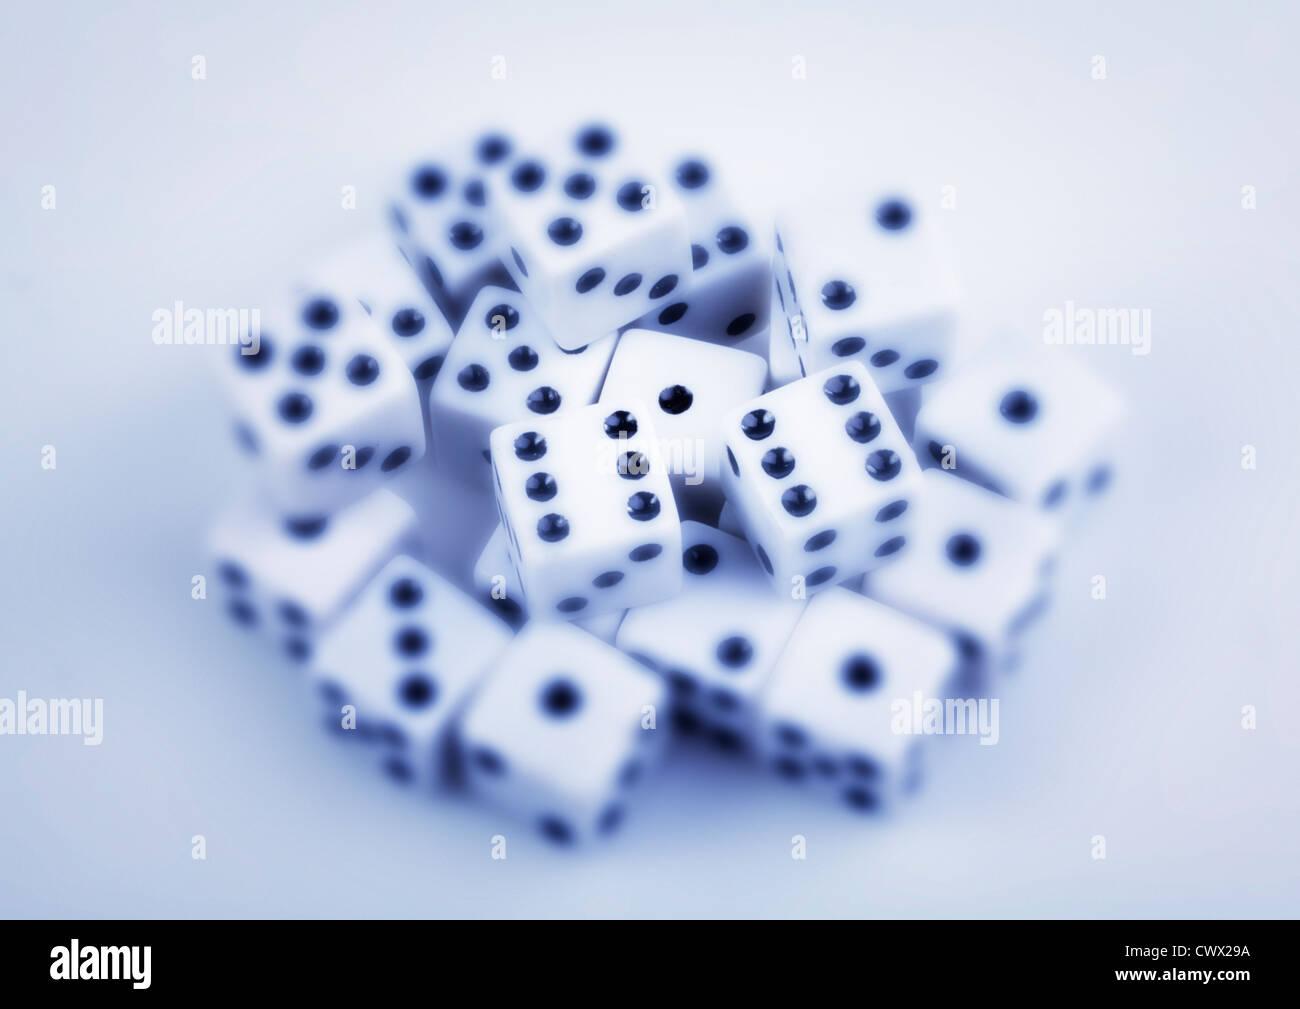 Würfel, teilweise unscharf, symbolisches Bild für Glücksspiele Stockbild